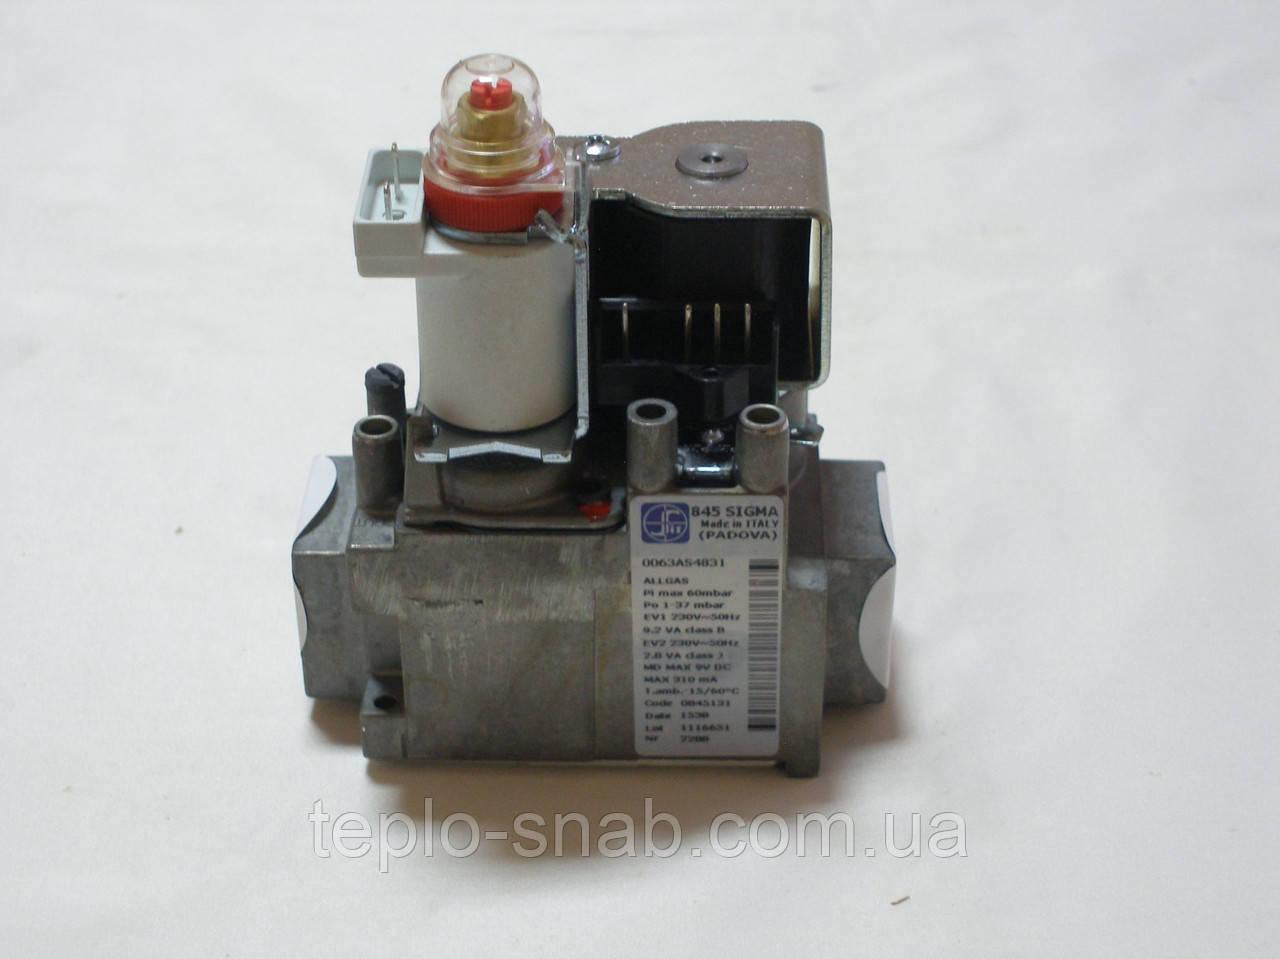 Газовий клапан Sit Sigma 845 048 підлогового газового котла Baxi Slim, ECO-3 . 5653610.